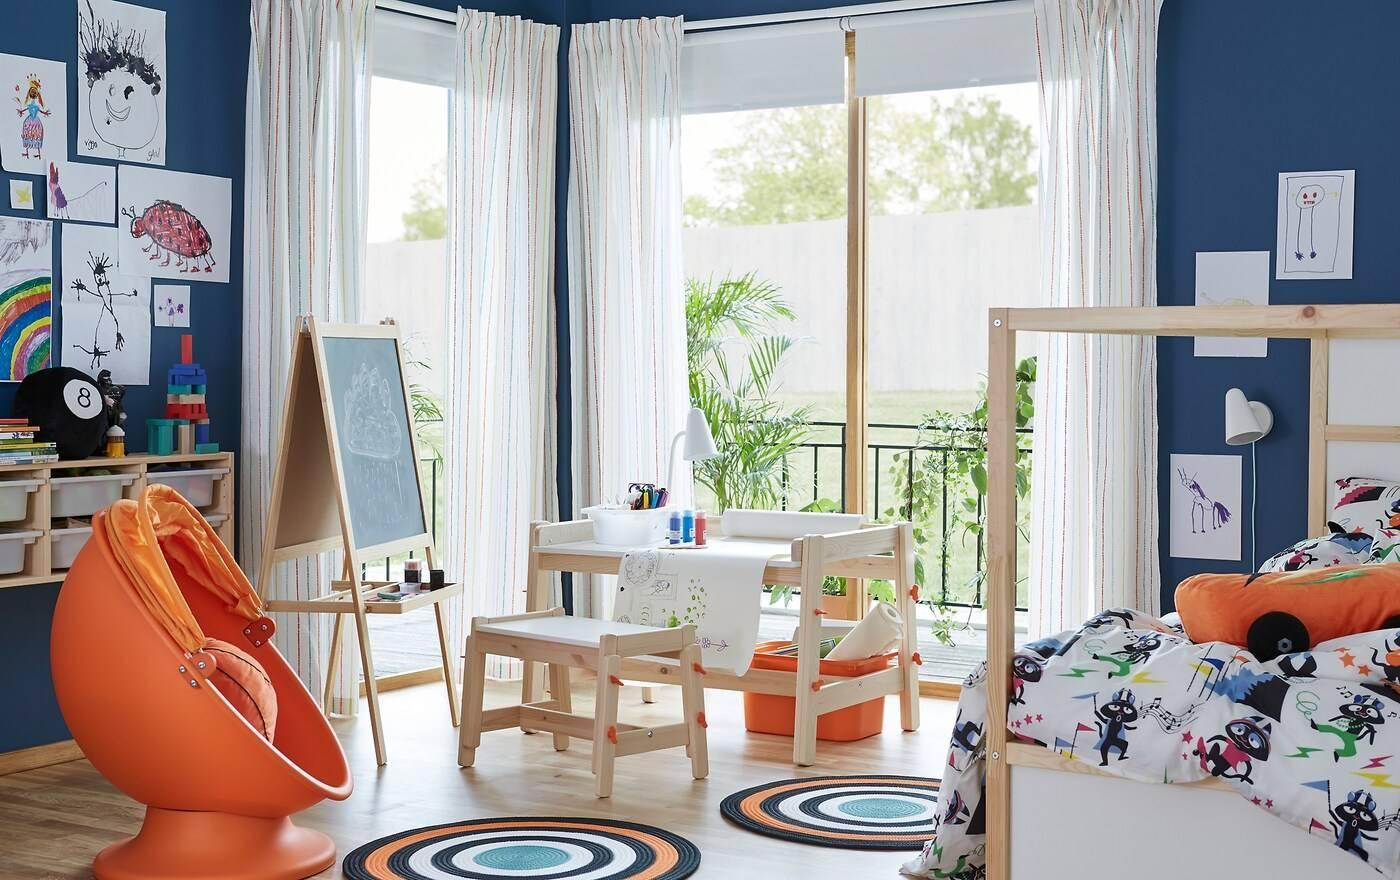 Детская комната в стиле икеа: фото интерьера для мальчика и девочки (подростков)   детская   vpolozhenii.com